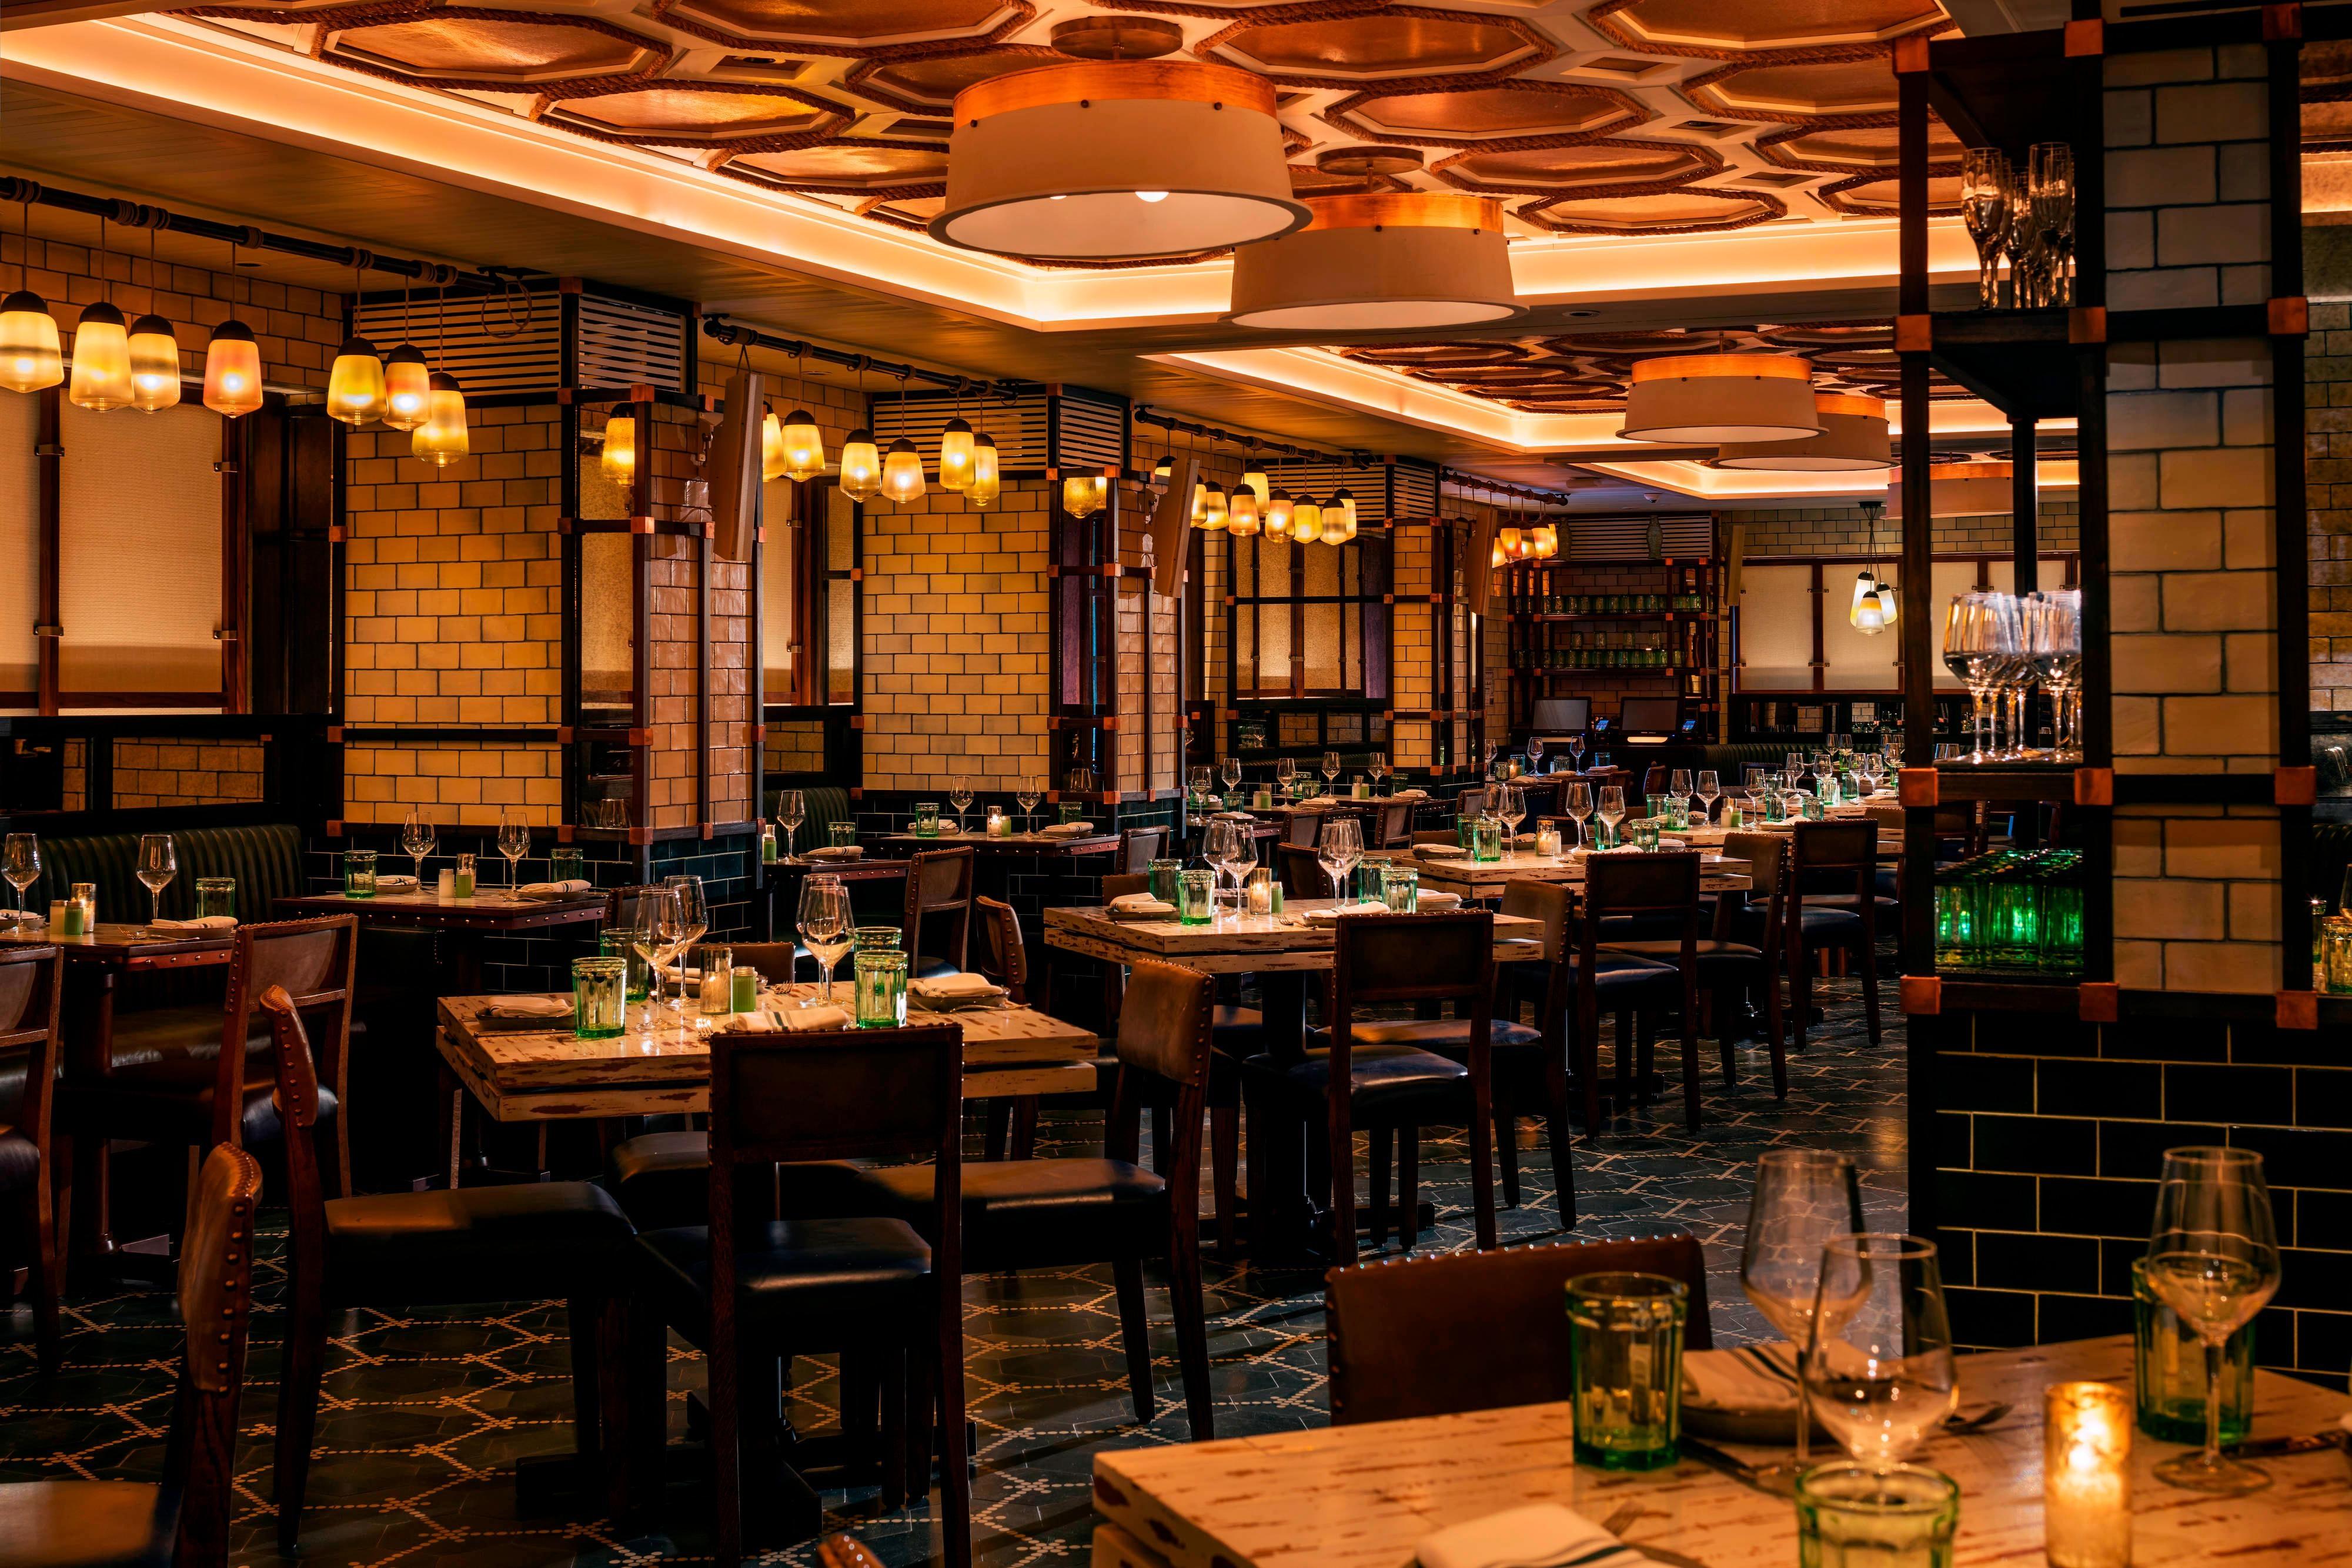 Legasea - Dining Area